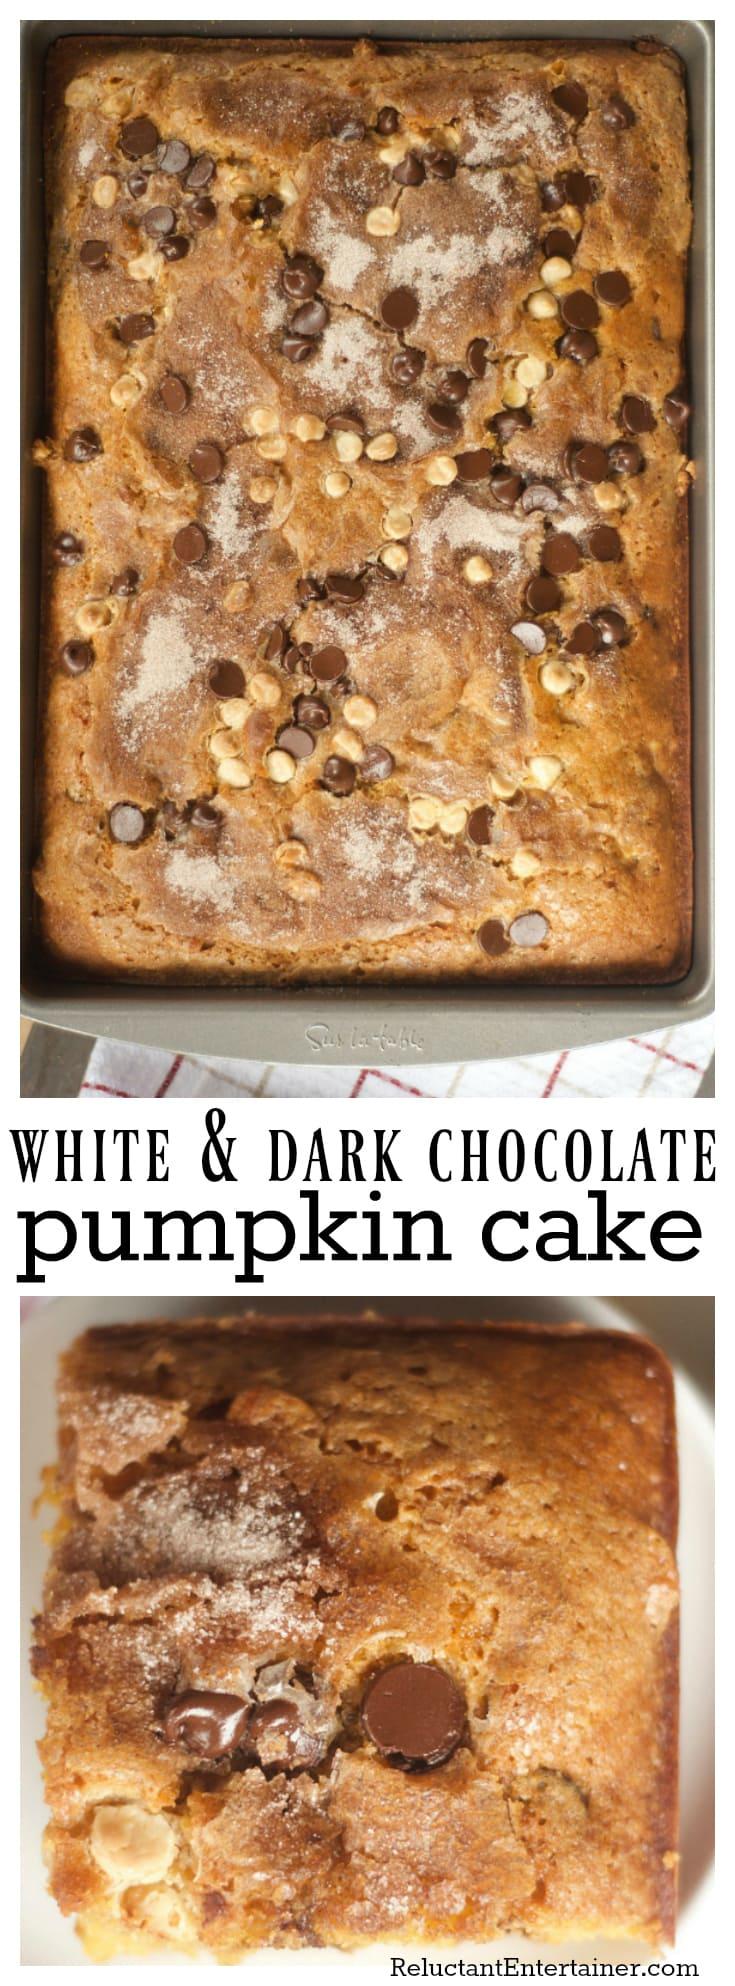 White and Dark Chocolate Pumpkin Cake